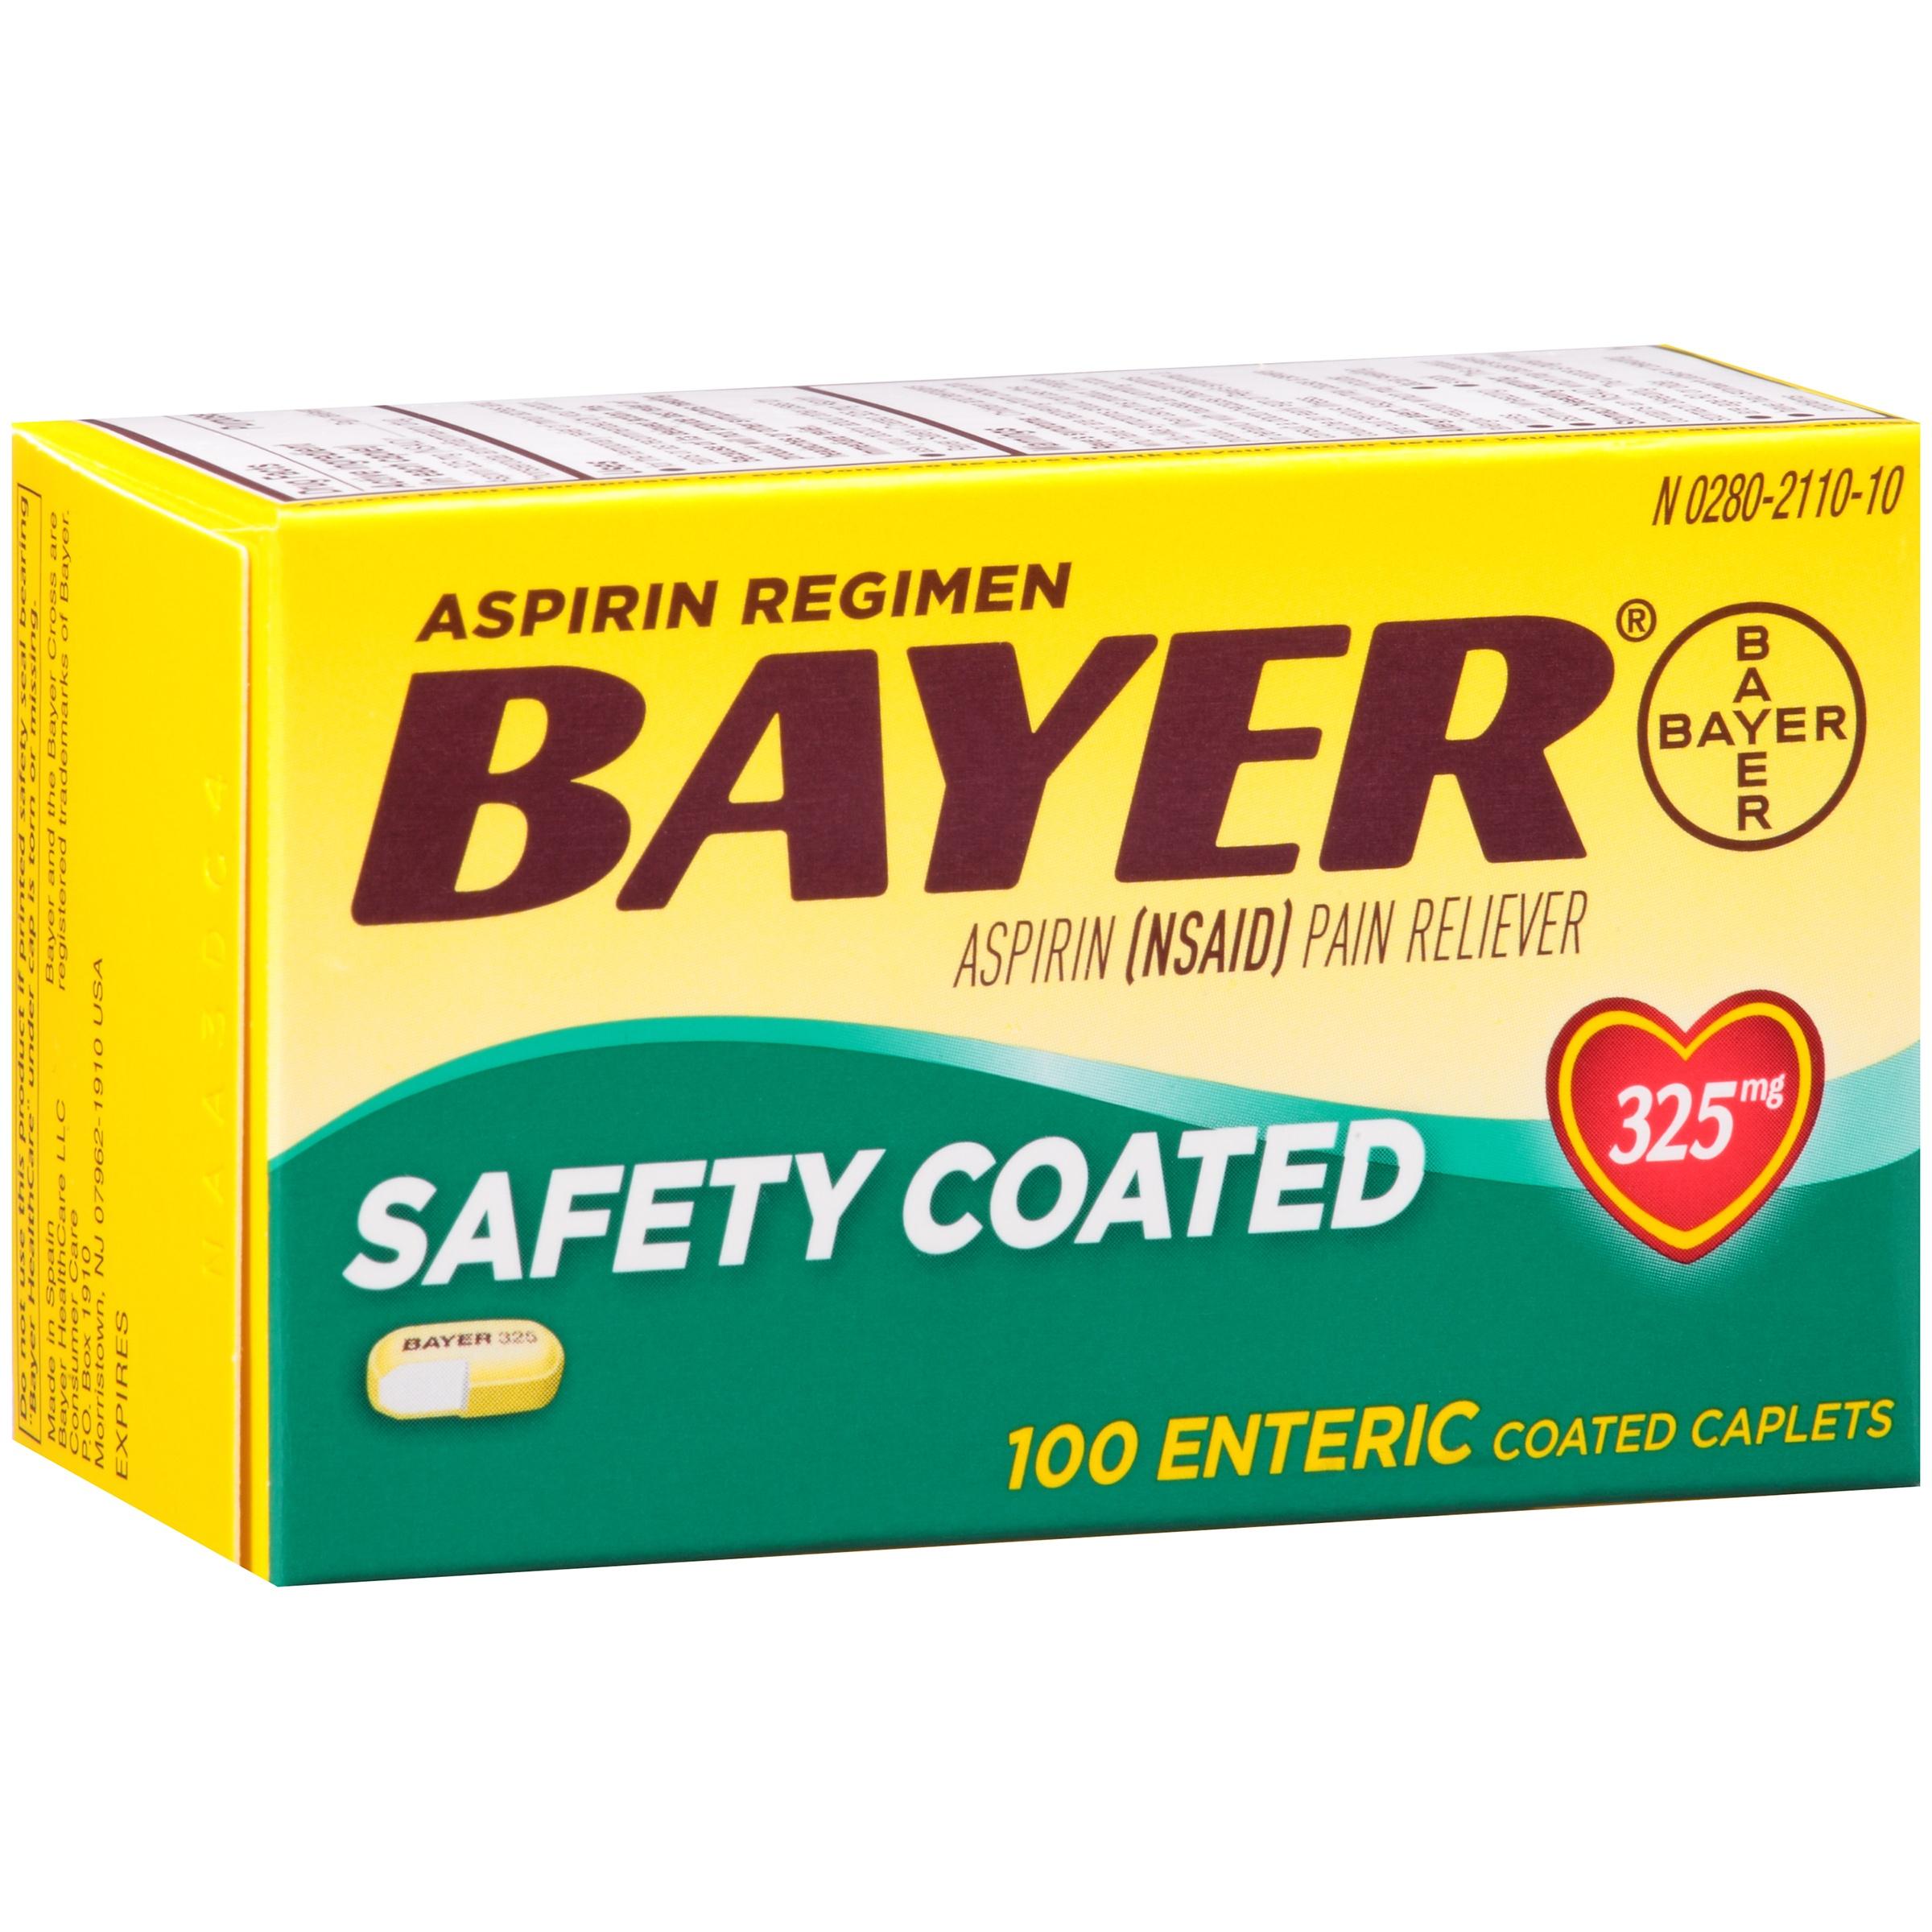 Aspirin Regimen Bayer, 325mg Enteric Coated Tablets, 100ct